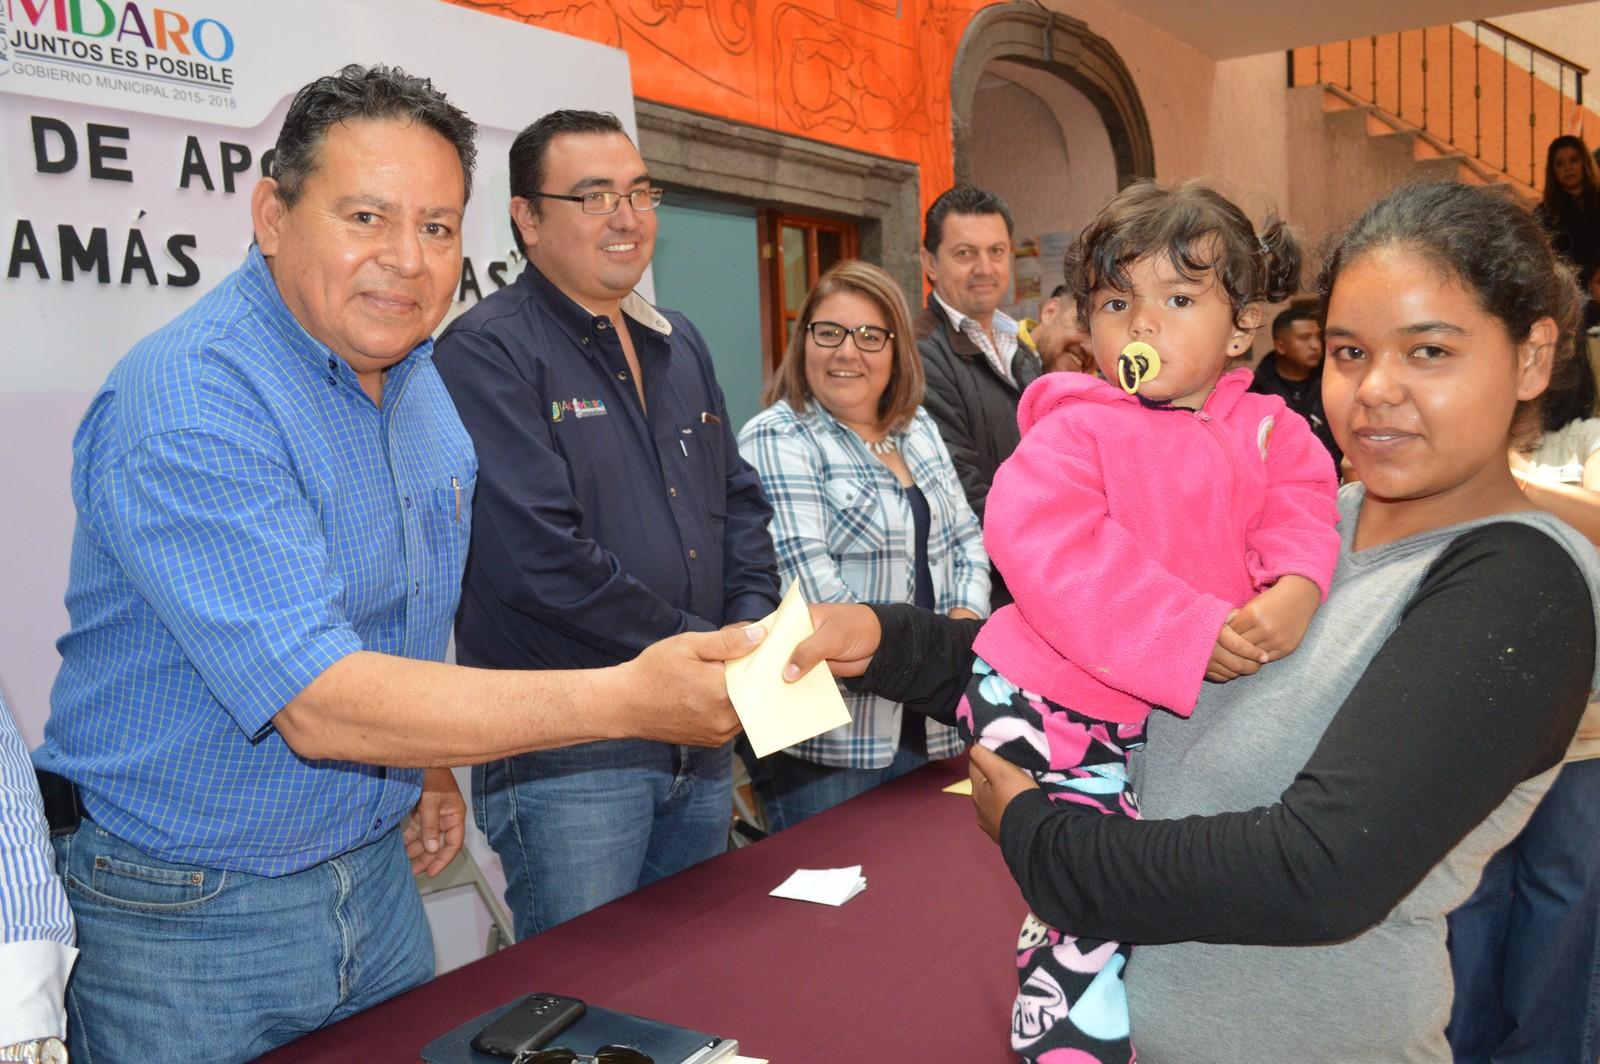 Se beneficia a 150 mamás y papás gracias a una inversión municipal de más de 60 mil pesos en base a un apoyo económico bimensual, así lo dio a conocer Gerardo Alcántar Saucedo.